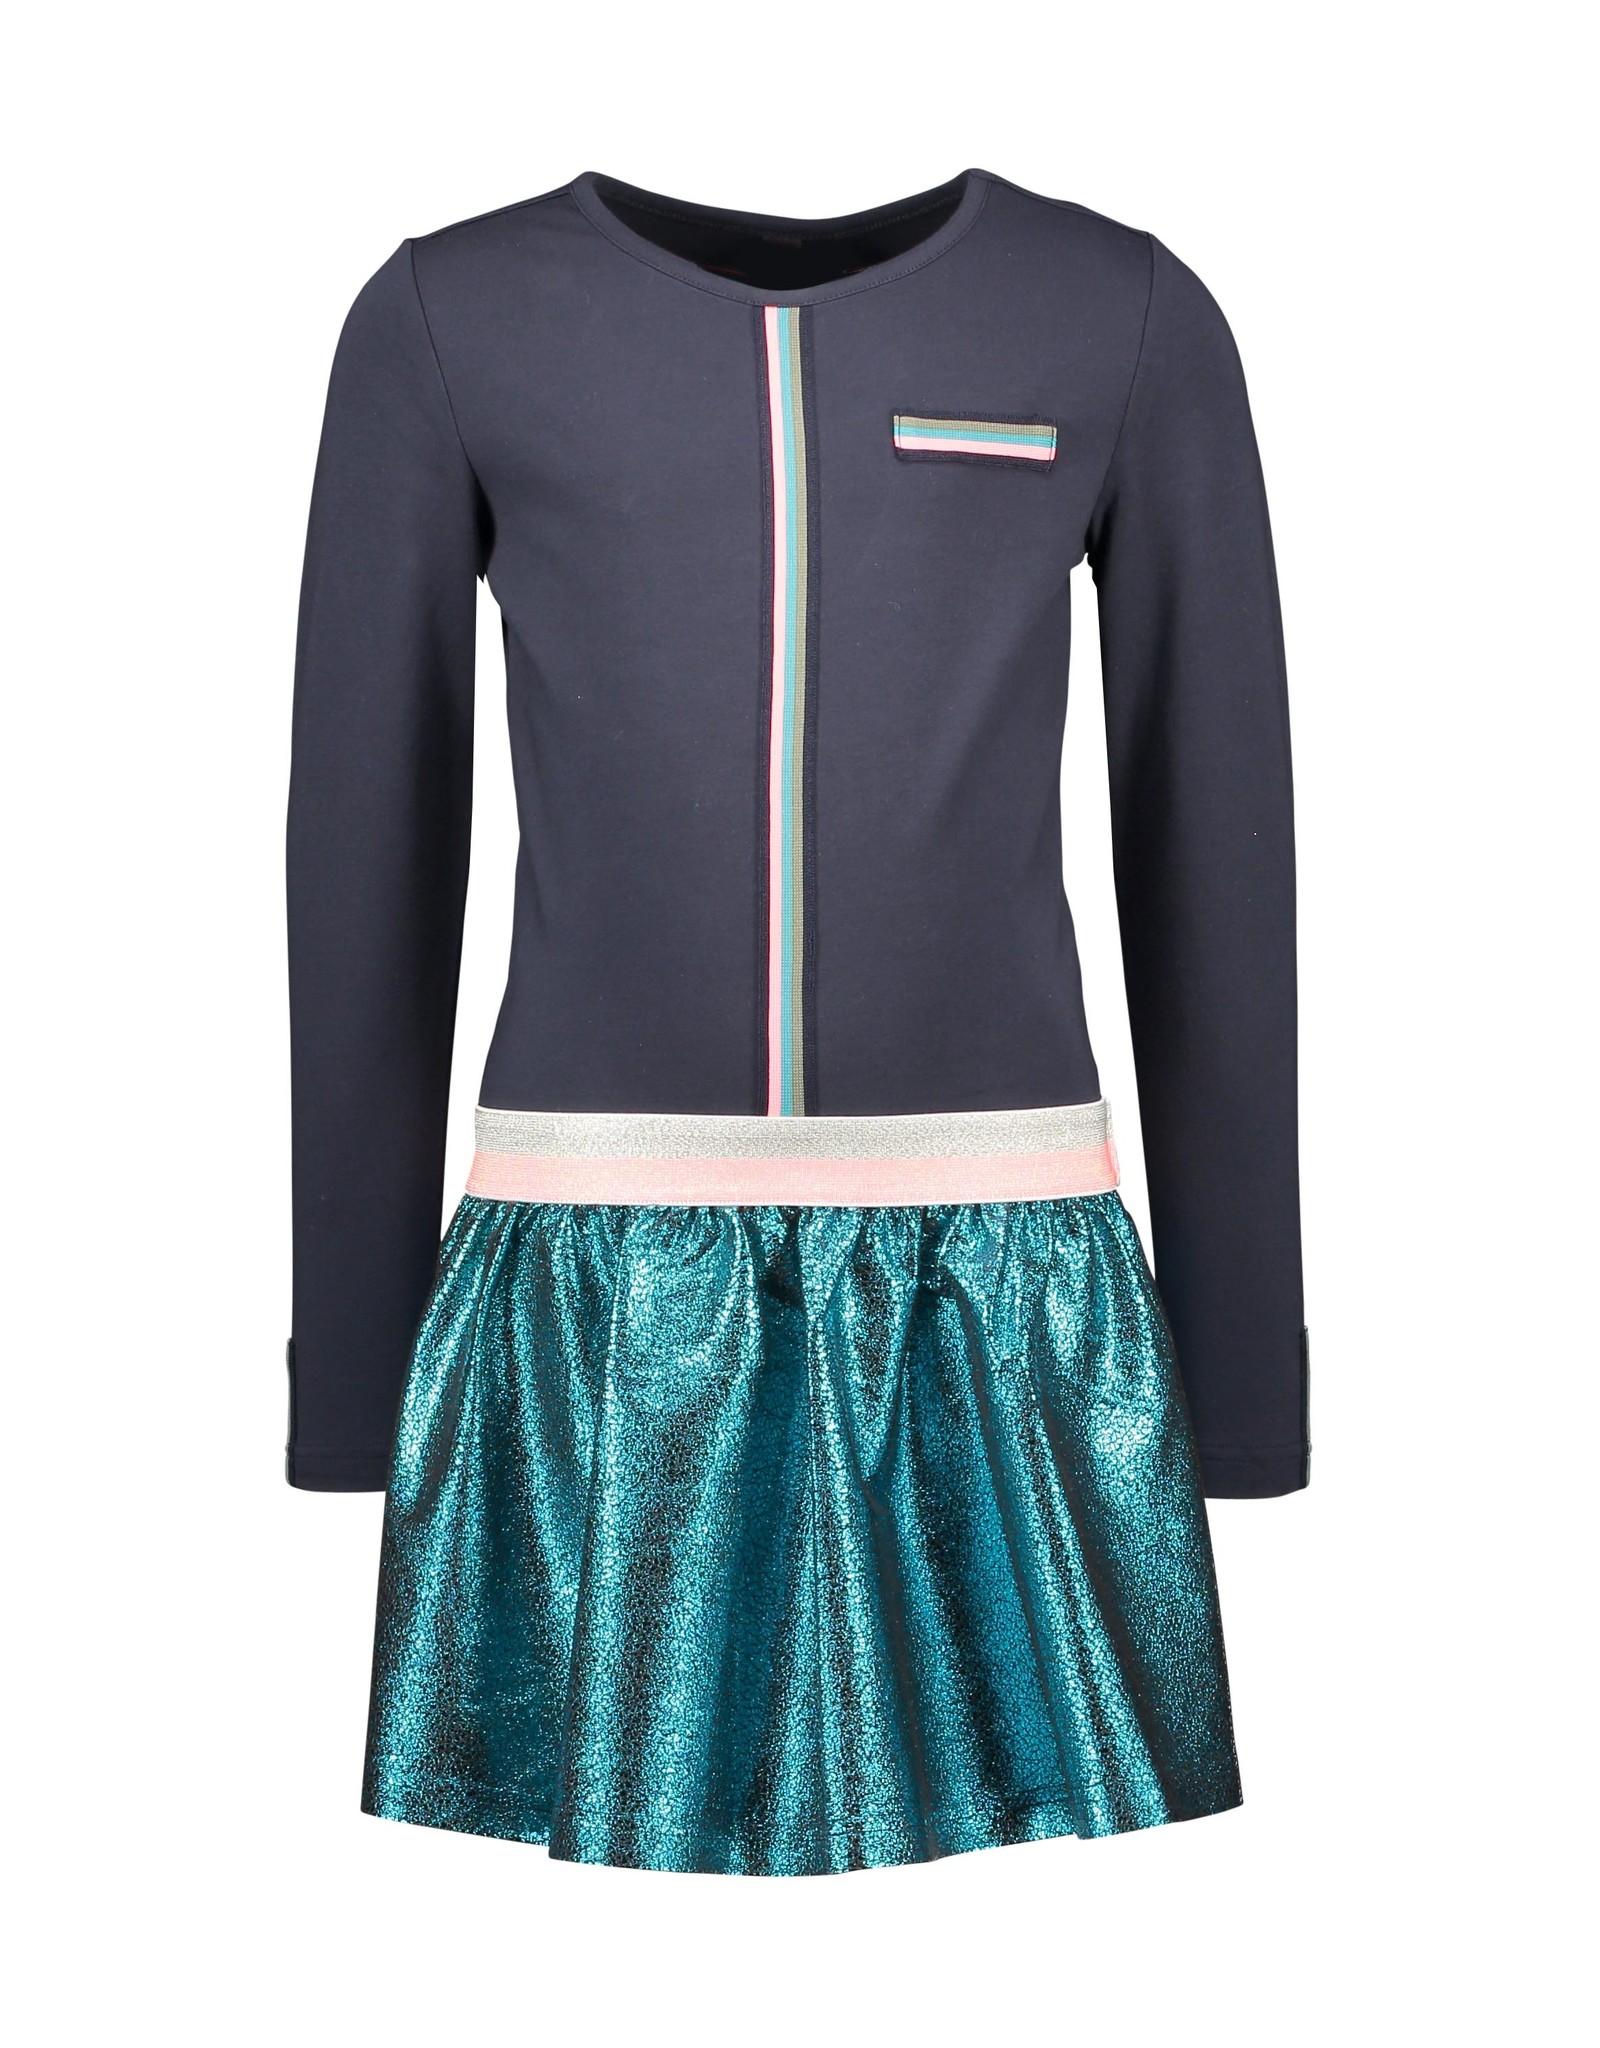 B-Nosy jurk met metallic rok